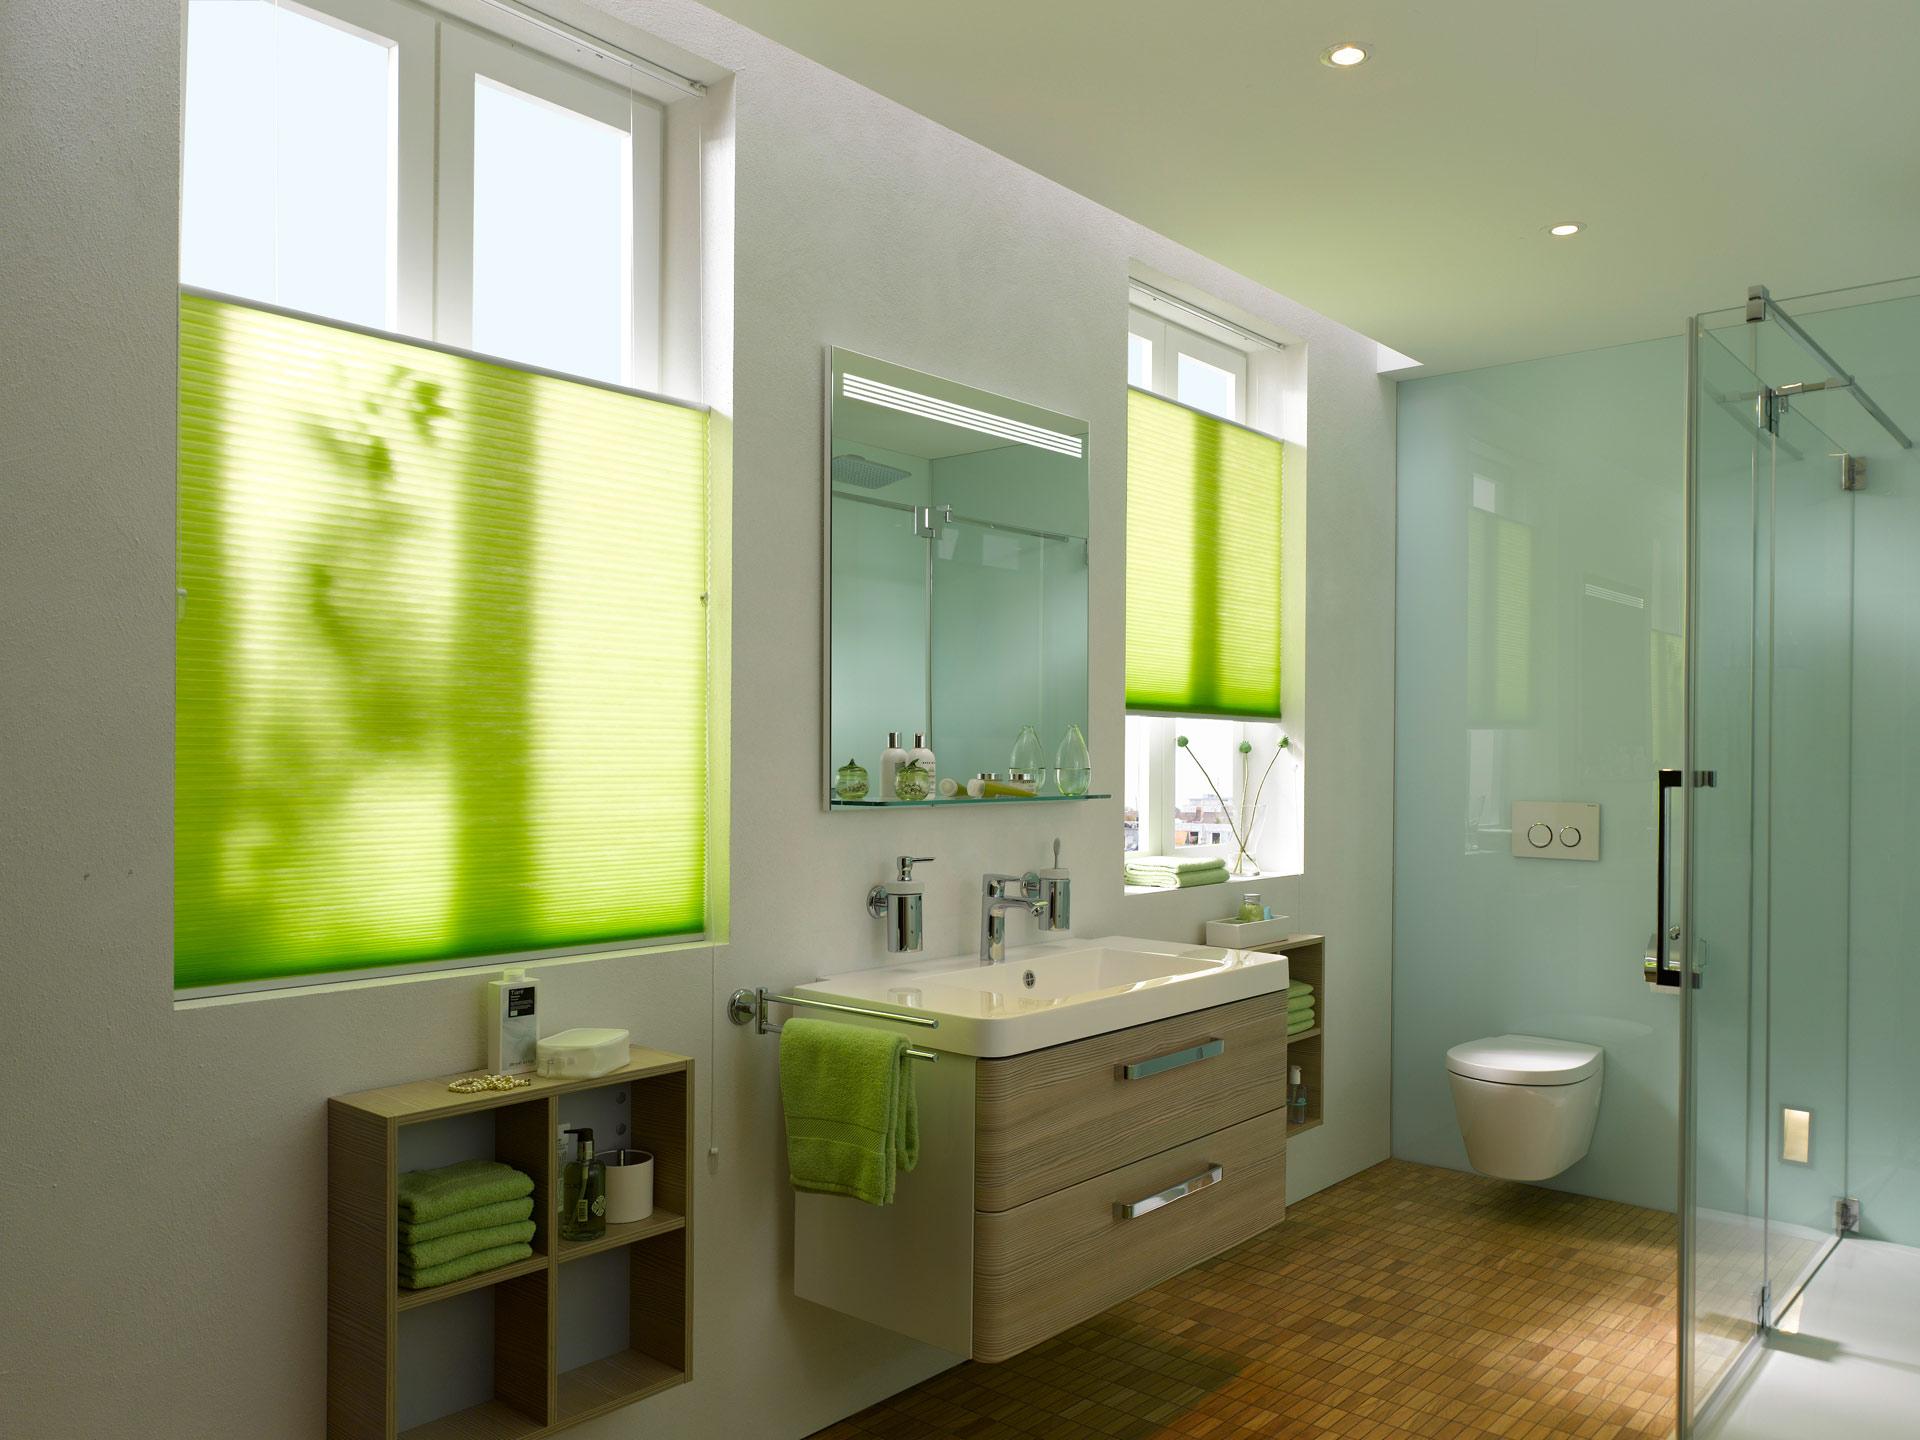 sauna kaufen g nstig mit kaufberatung und montage. Black Bedroom Furniture Sets. Home Design Ideas